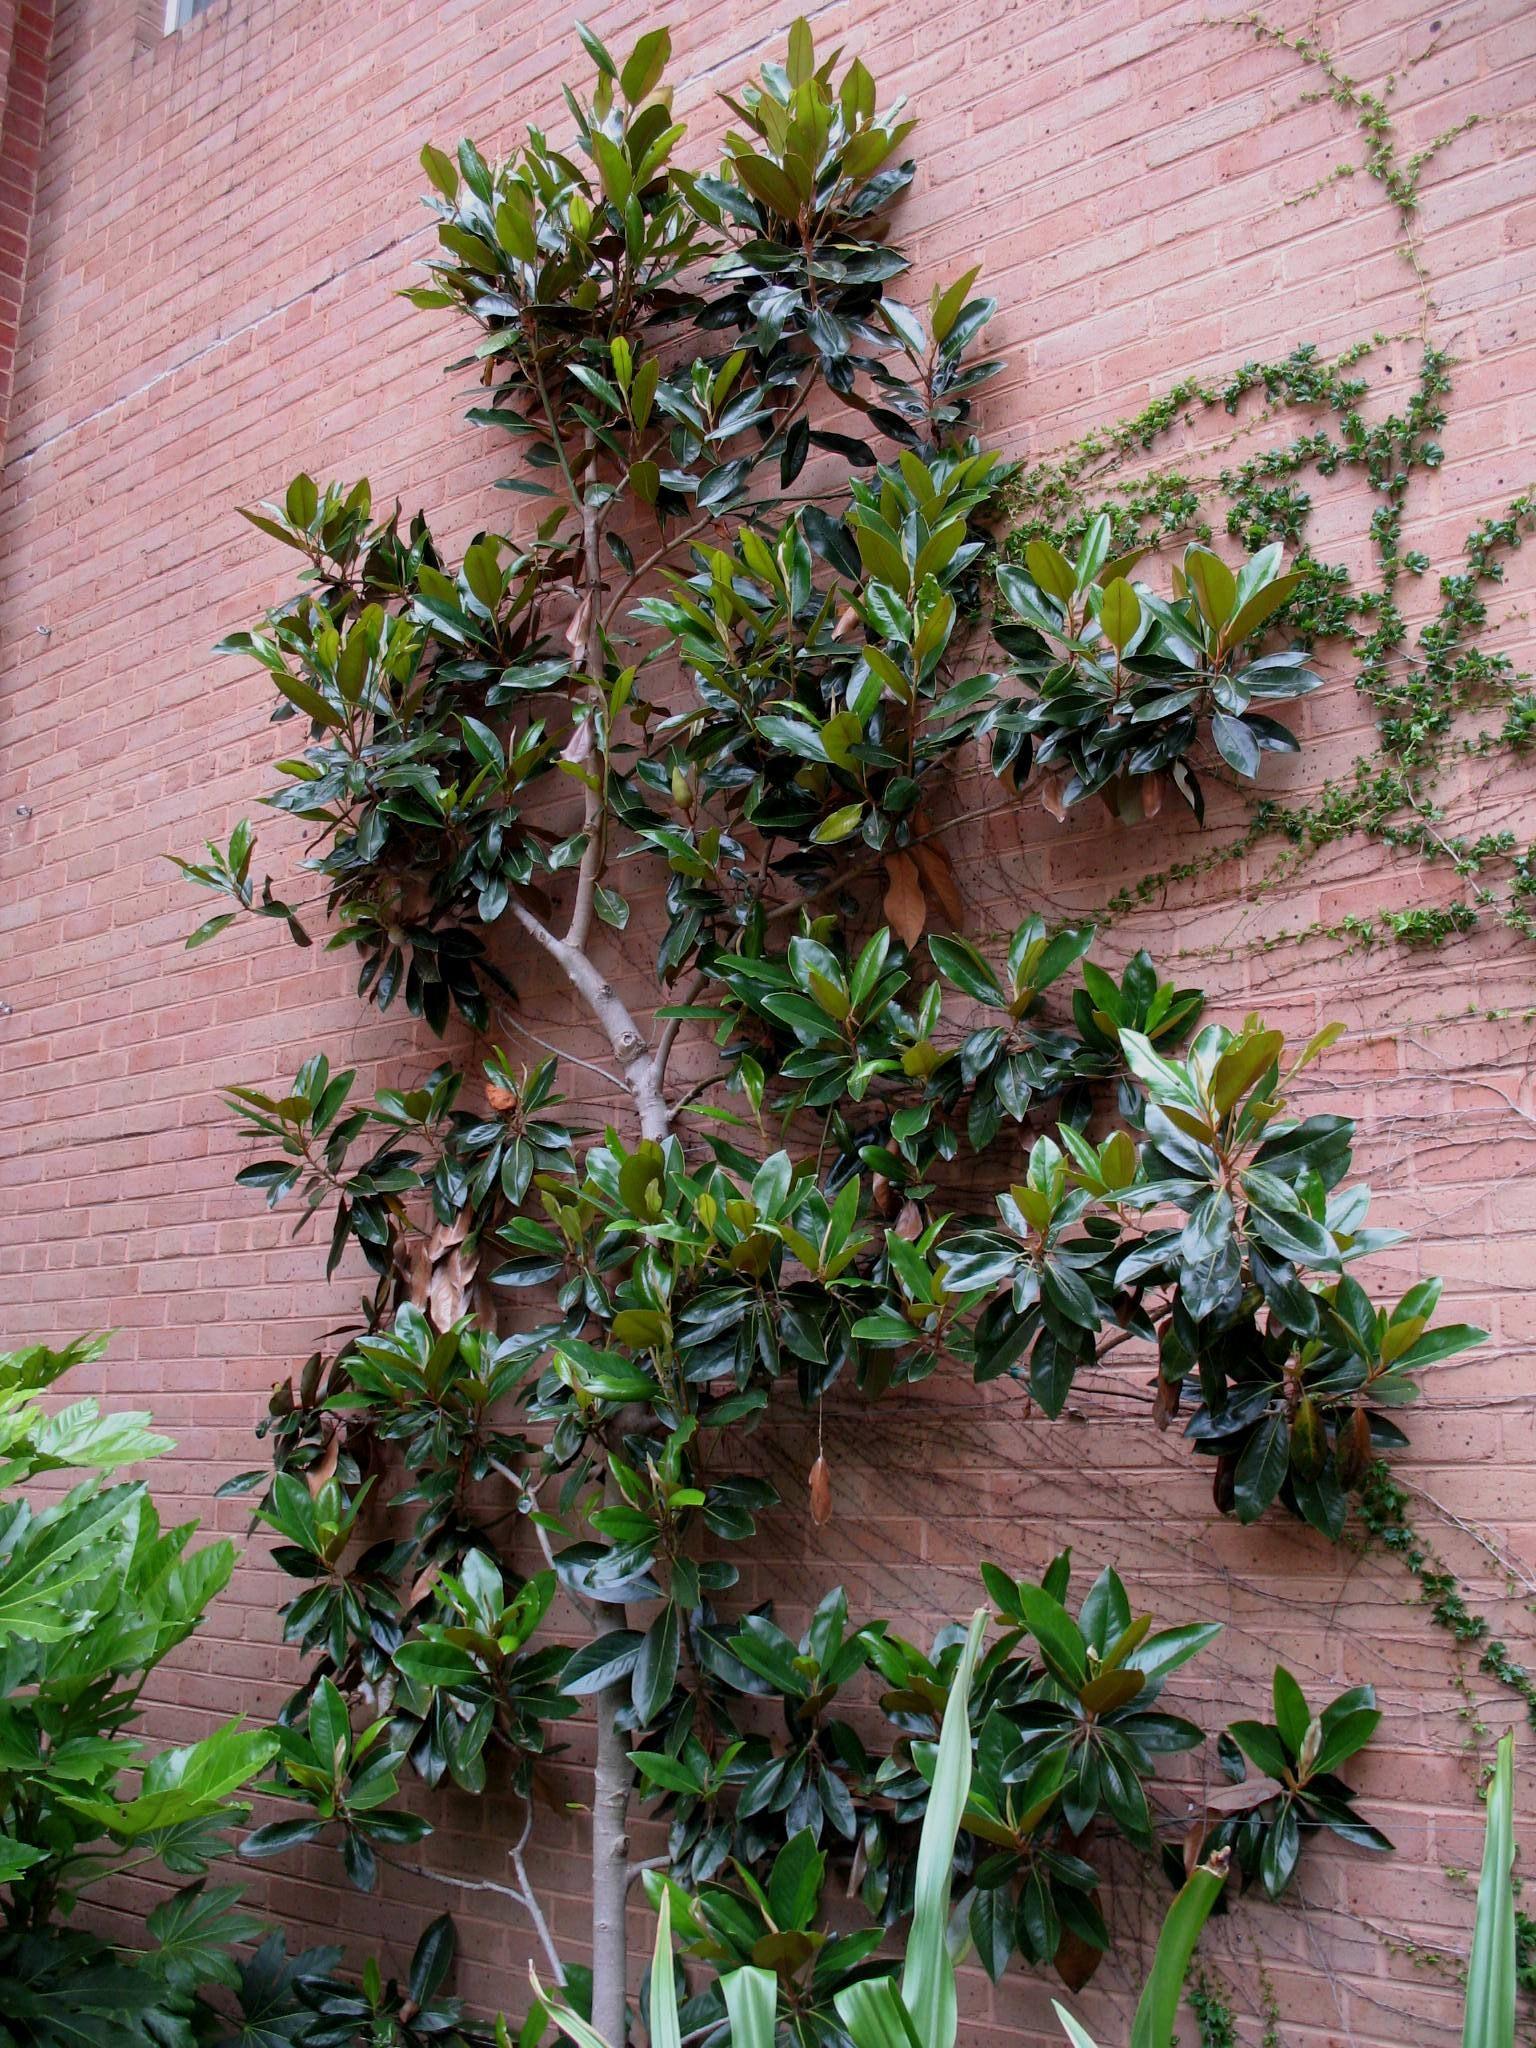 Magnolia Grandiflora Little Gem Magnolia Grandiflora Little Gem Onlineplantguide Com Magnolia Little Gem Evergreen Trees For Sale Magnolia Grandiflora